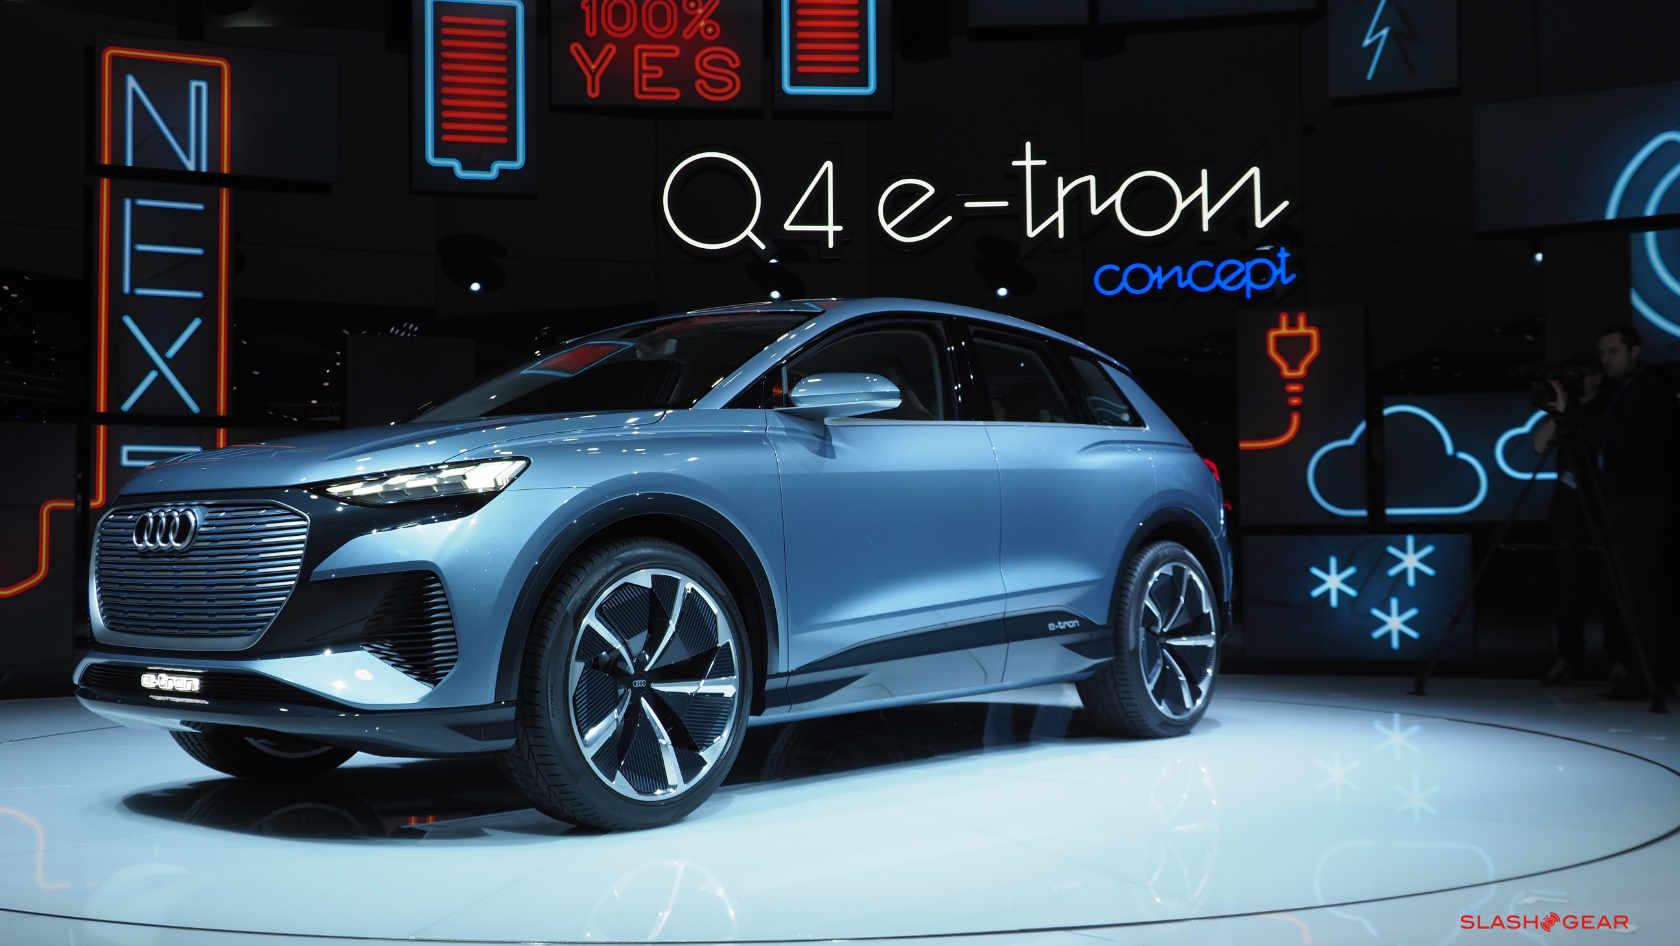 2021 Audi Q4 e-tron preços poderia fazer deste o ponto de inflexão